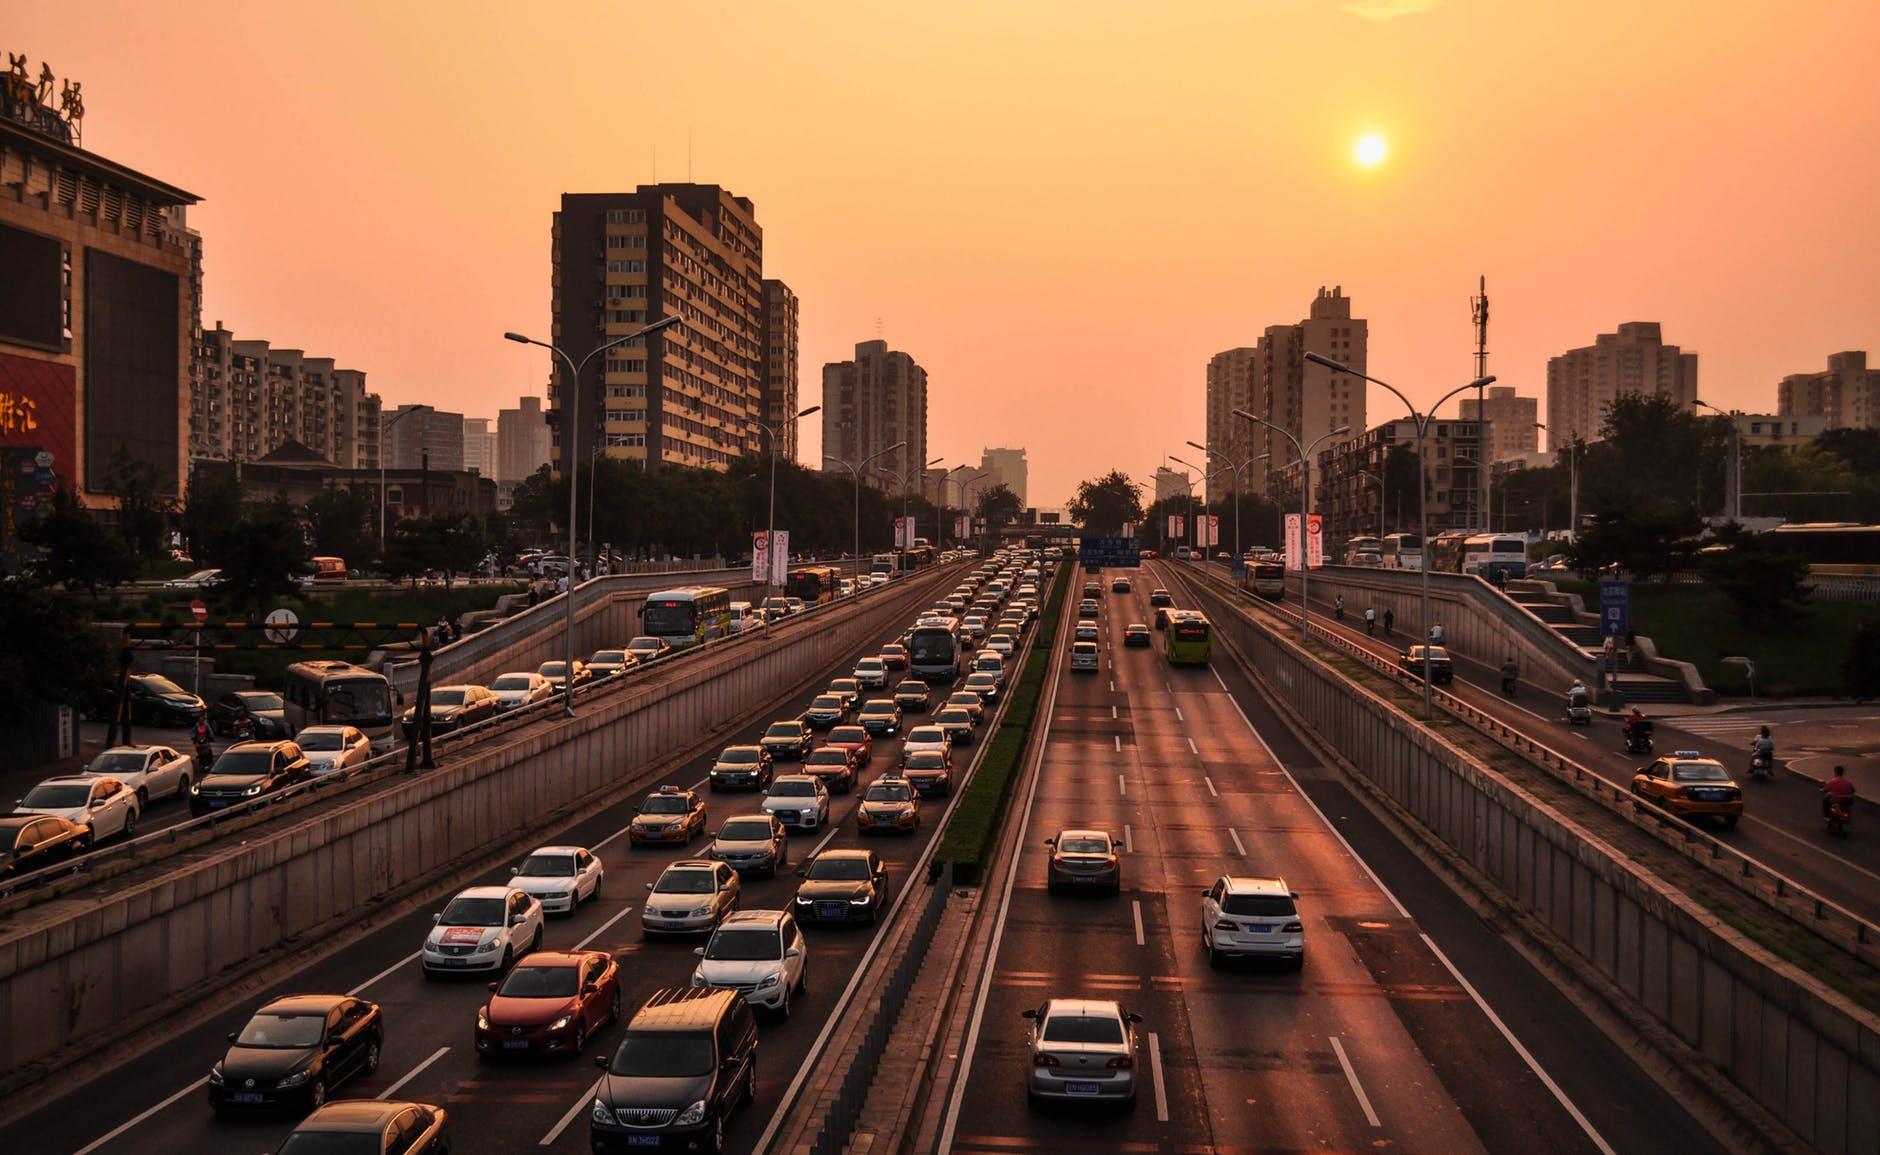 architecture auto automobiles bridge